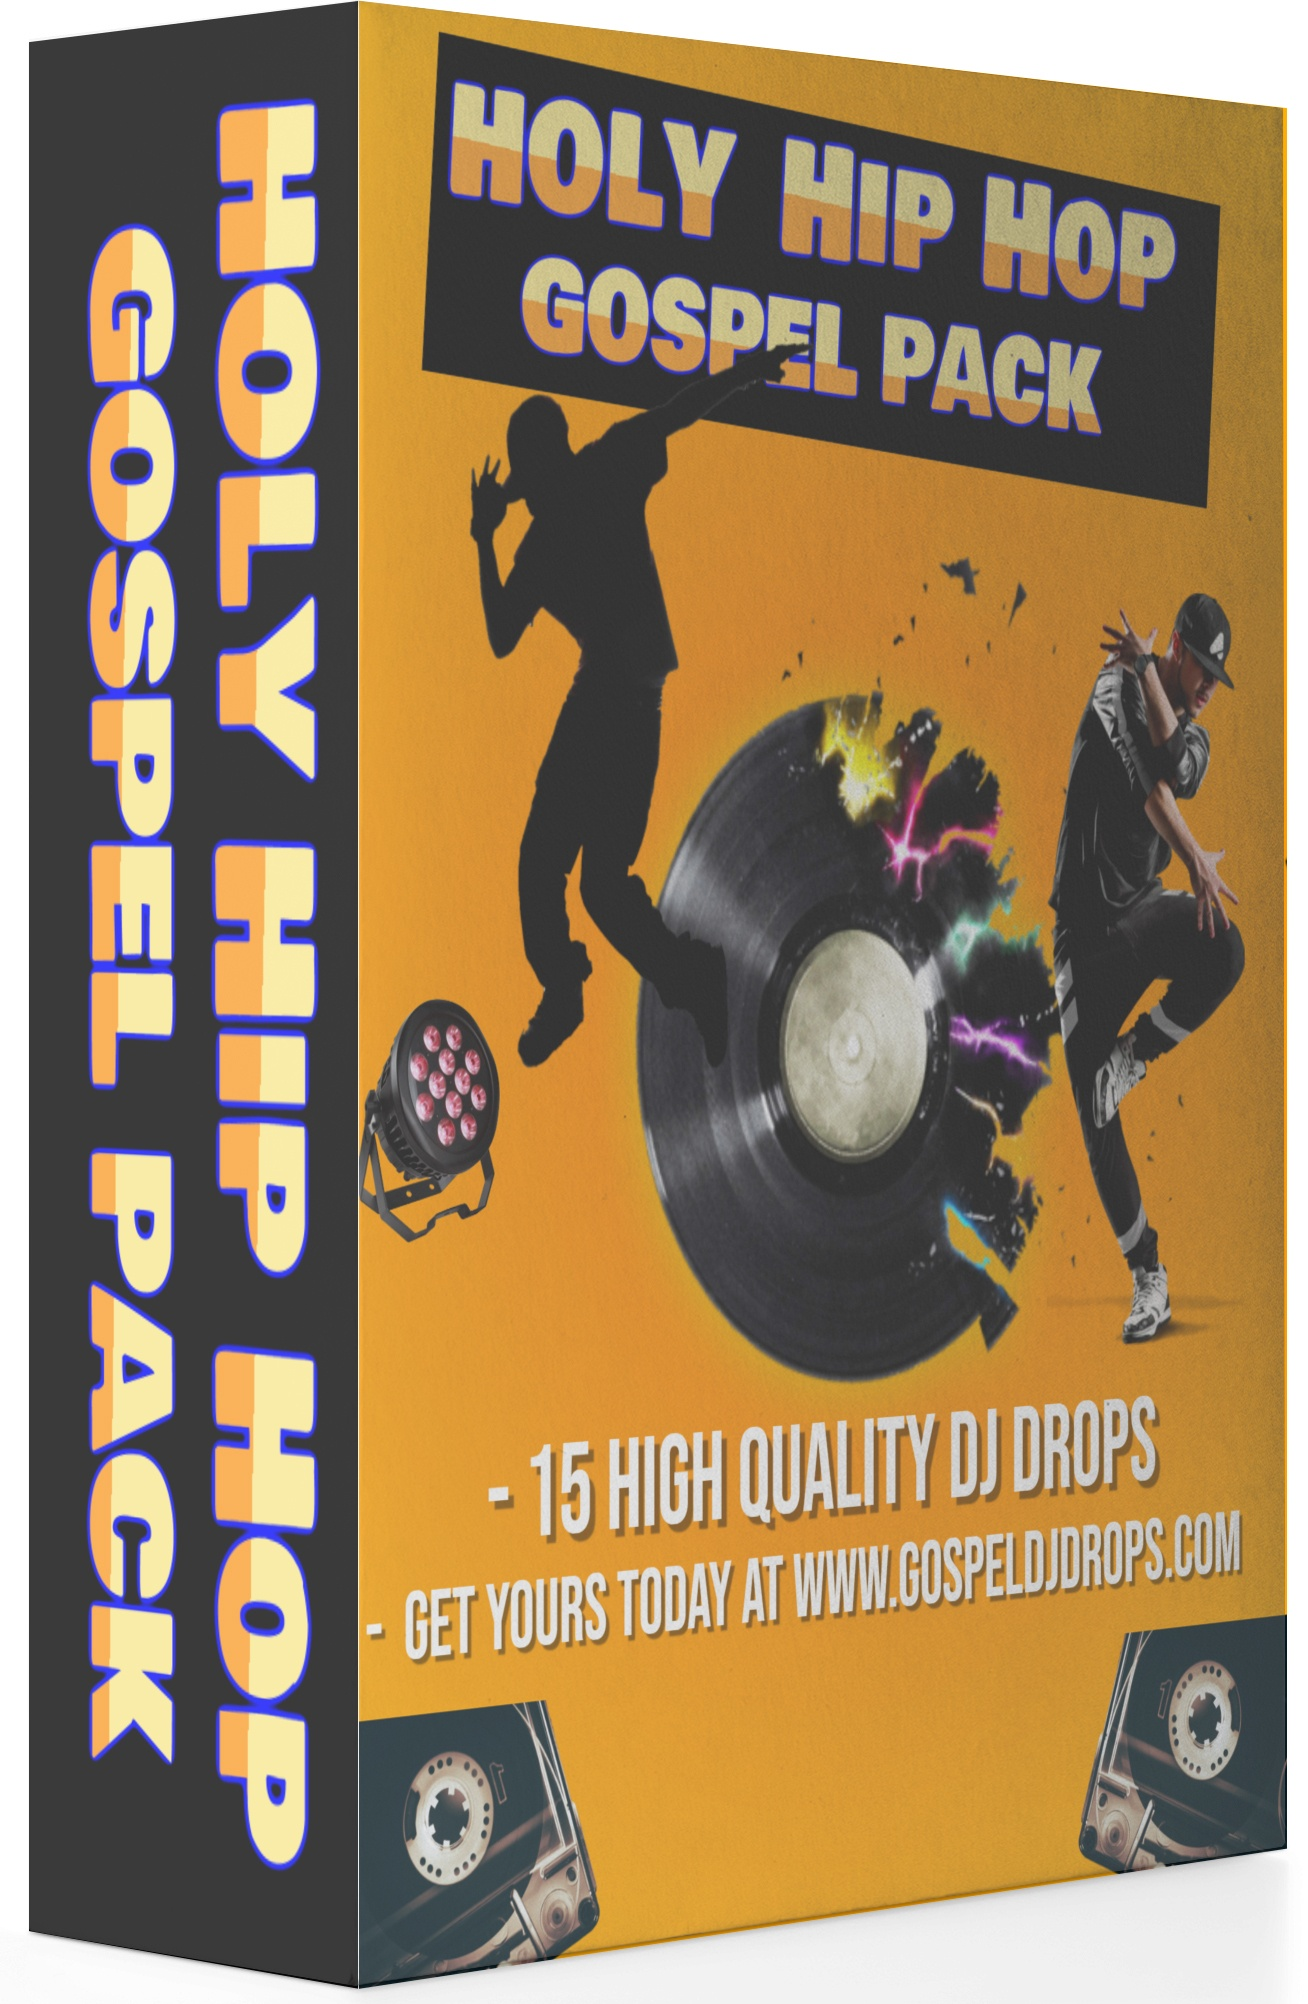 gospel-dj-drops-hip-hop-edition